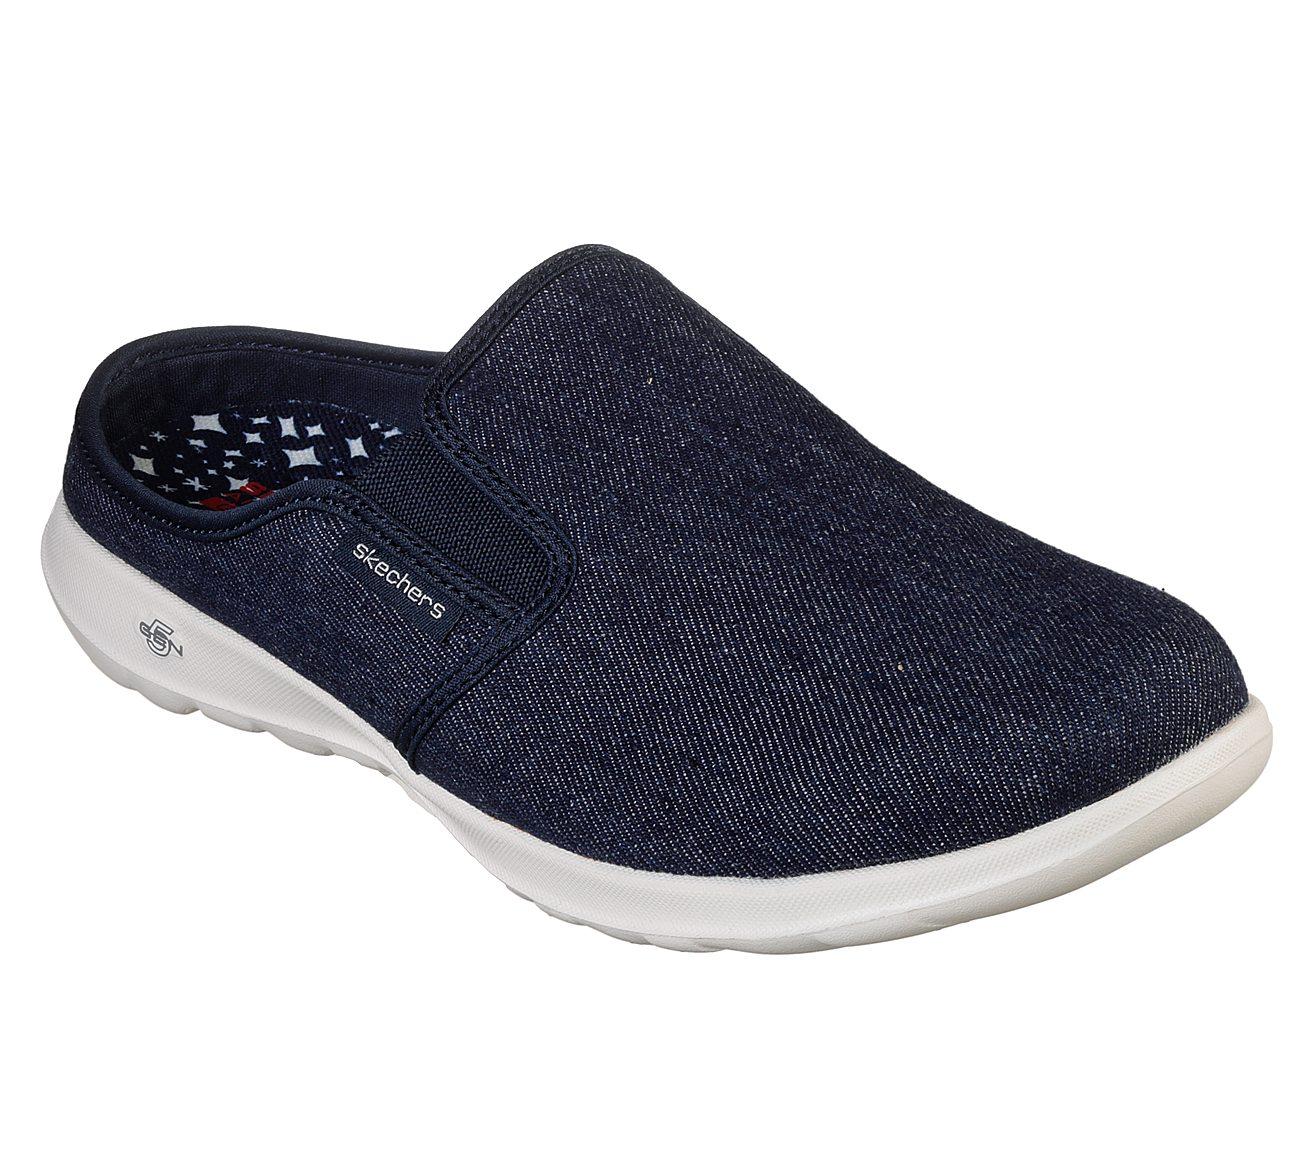 Skechers GOwalk Lite - Adore